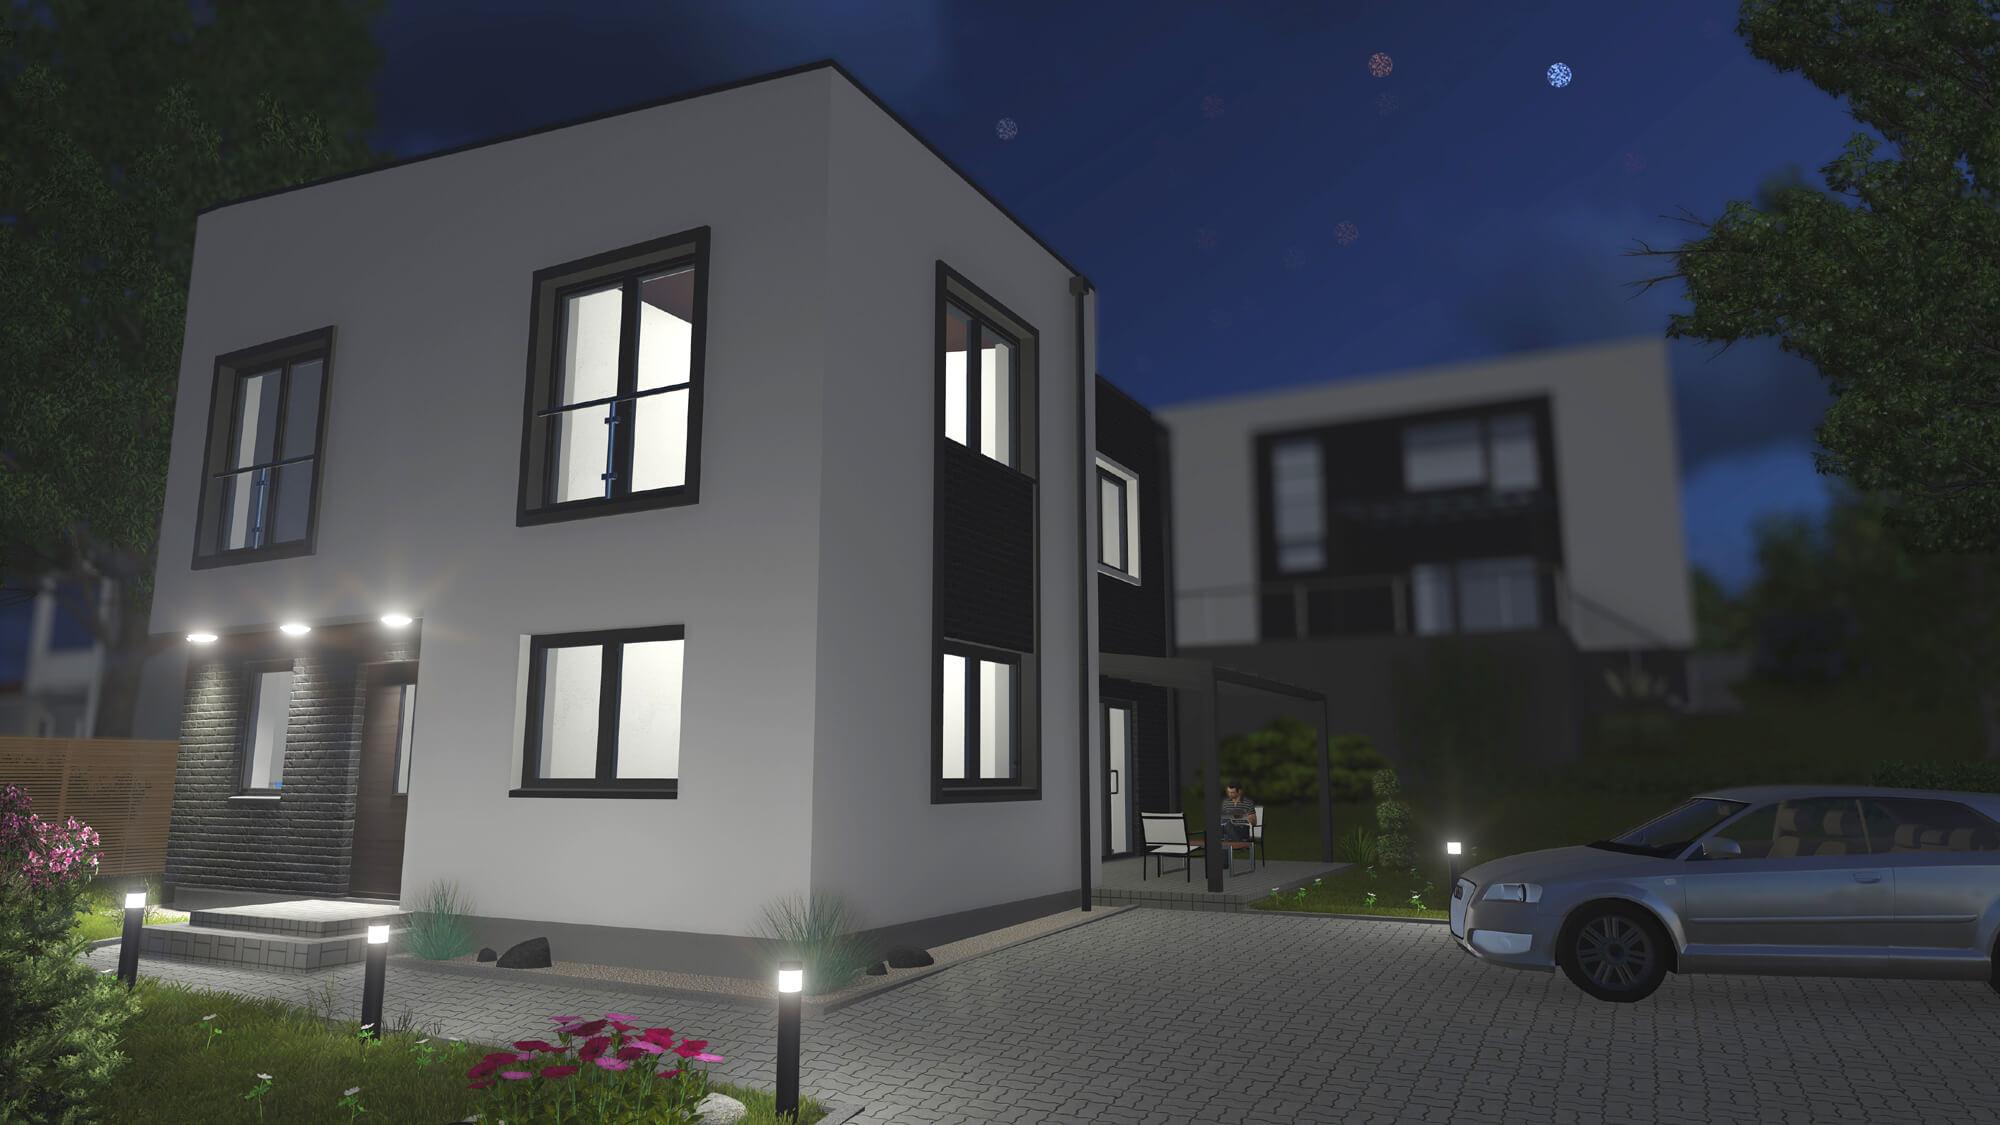 Šienpjovių g. 23, Klaipėdoje, gyvenamojo namo projektas